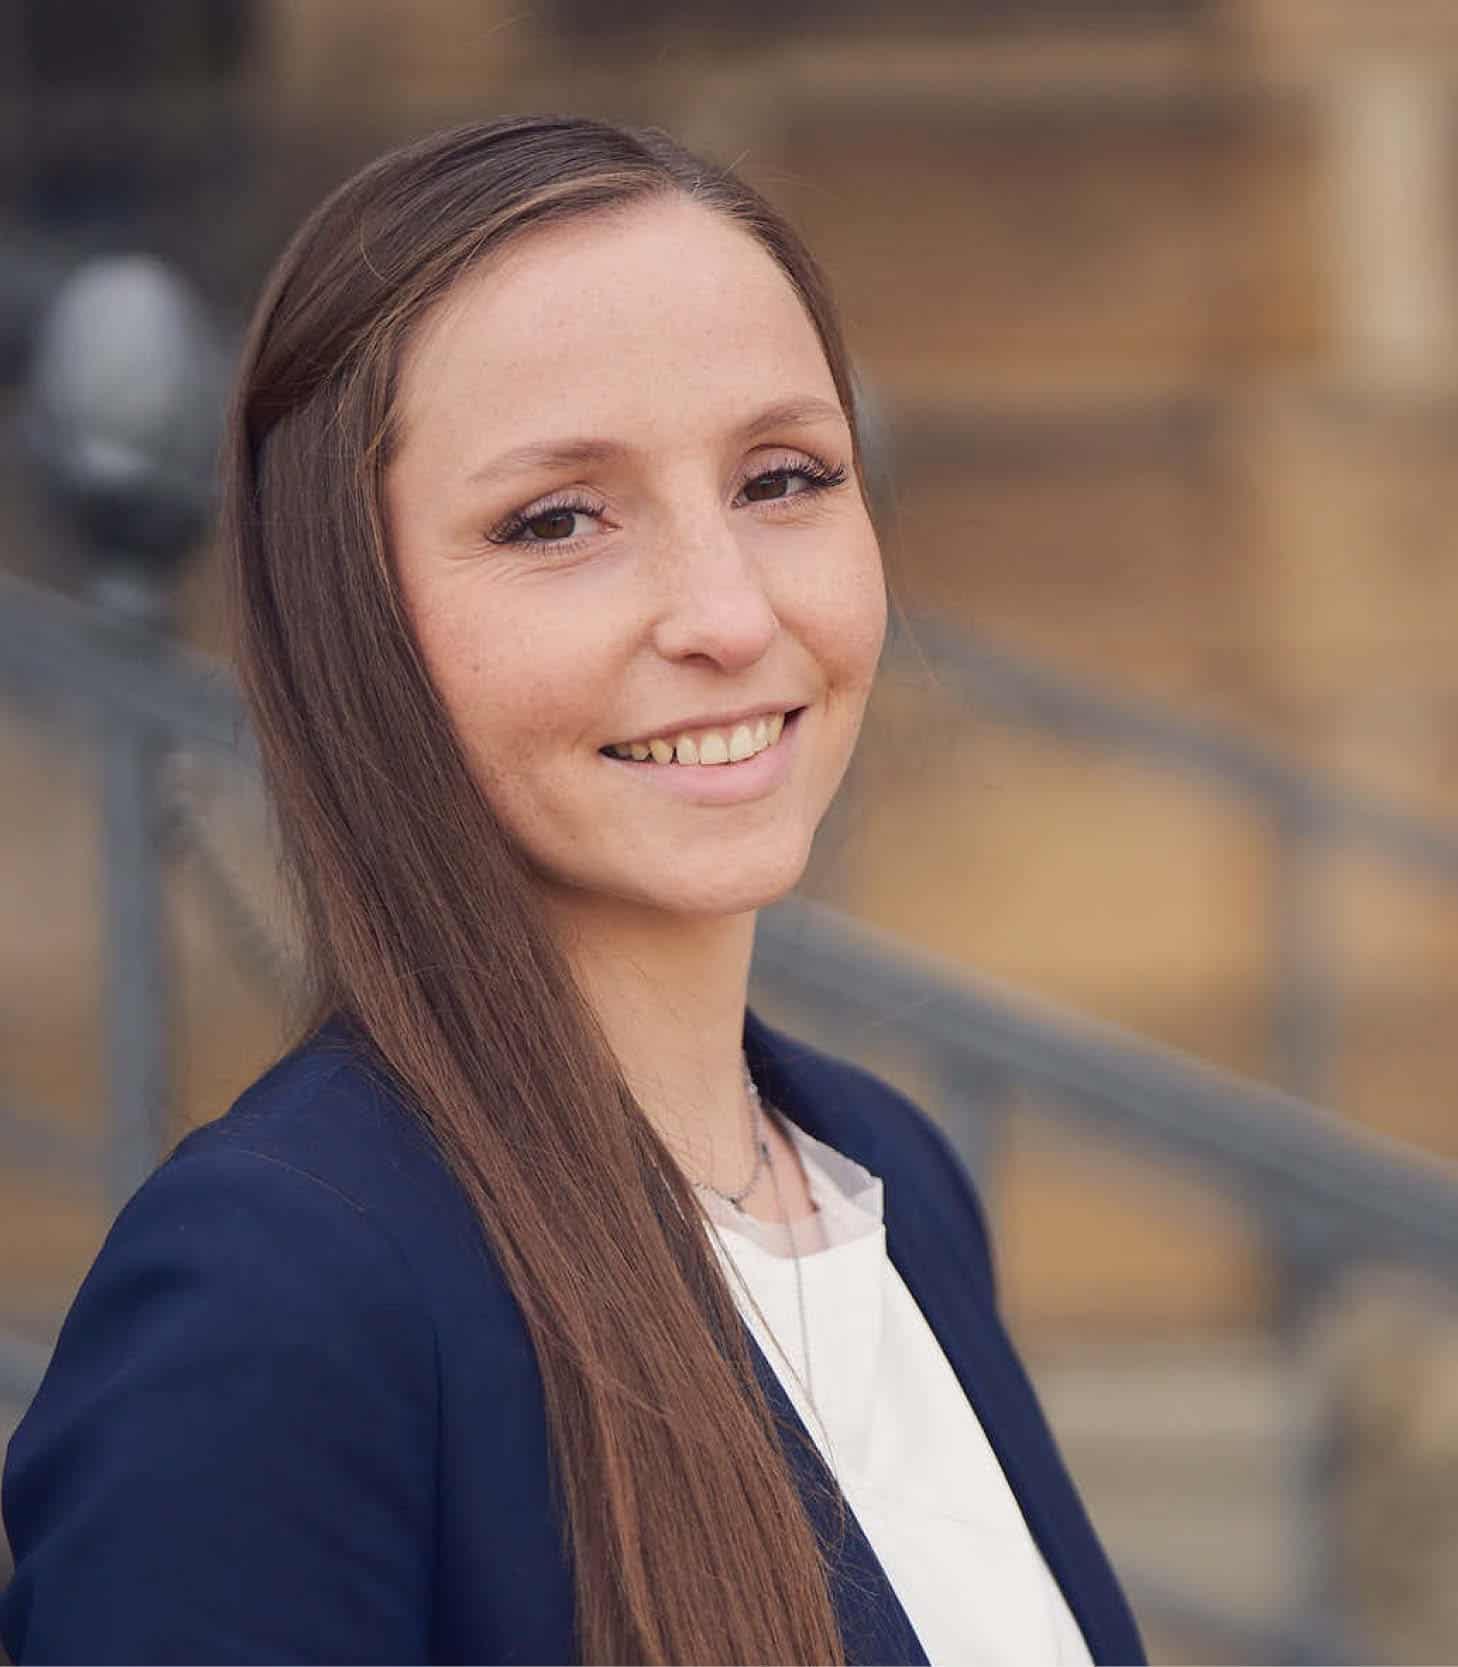 Finanzberaterin Heide Meyer